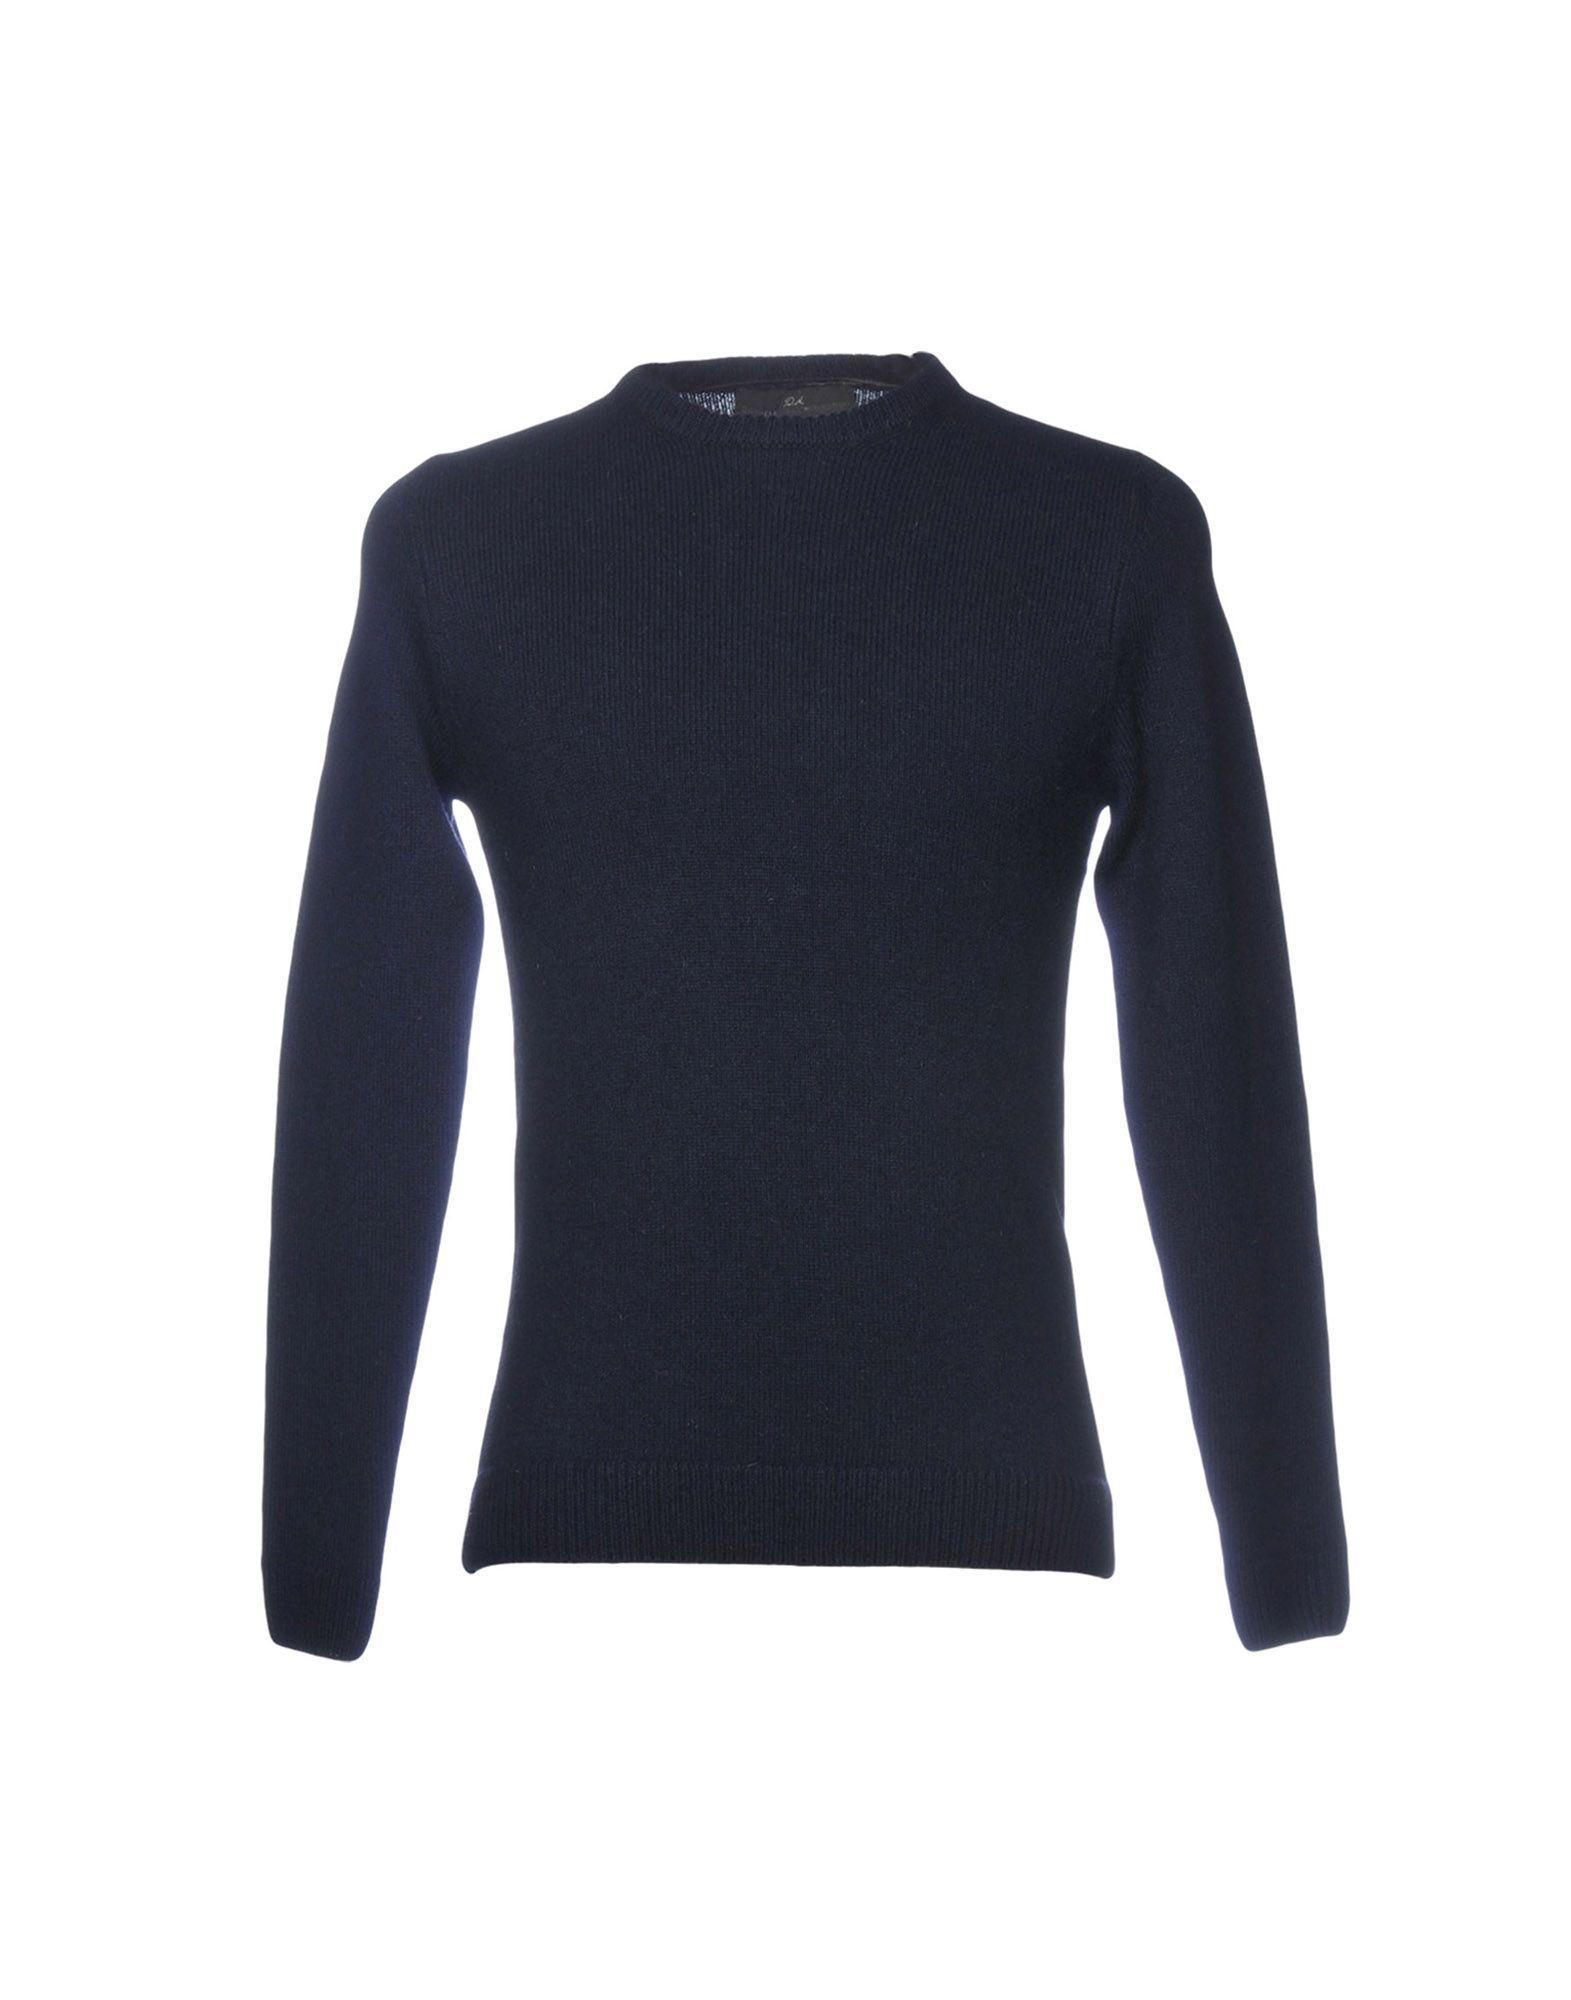 KNITWEAR Daniele Alessandrini Dark blue Man Wool